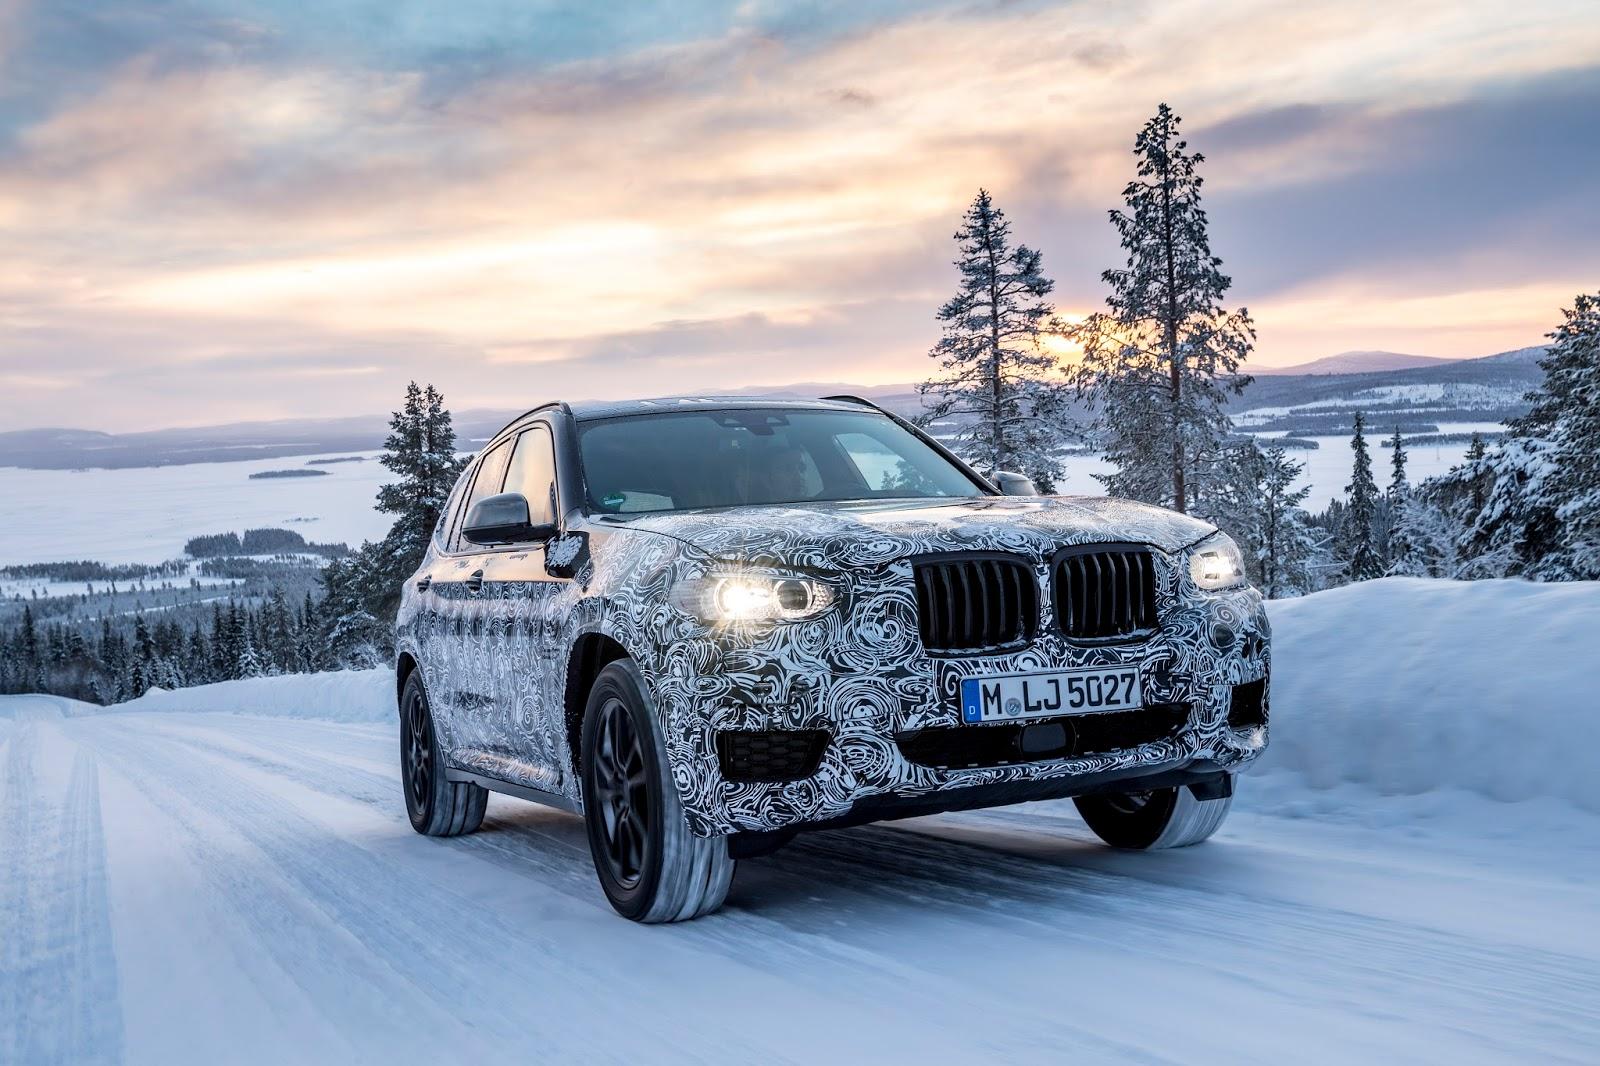 P90249824 highRes the new bmw x3 under Δοκιμές στην παγωμένη Βόρεια Σουηδία, για την επερχόμενη BMW X3 BMW, BMW X, BMW X3, SUV, videos